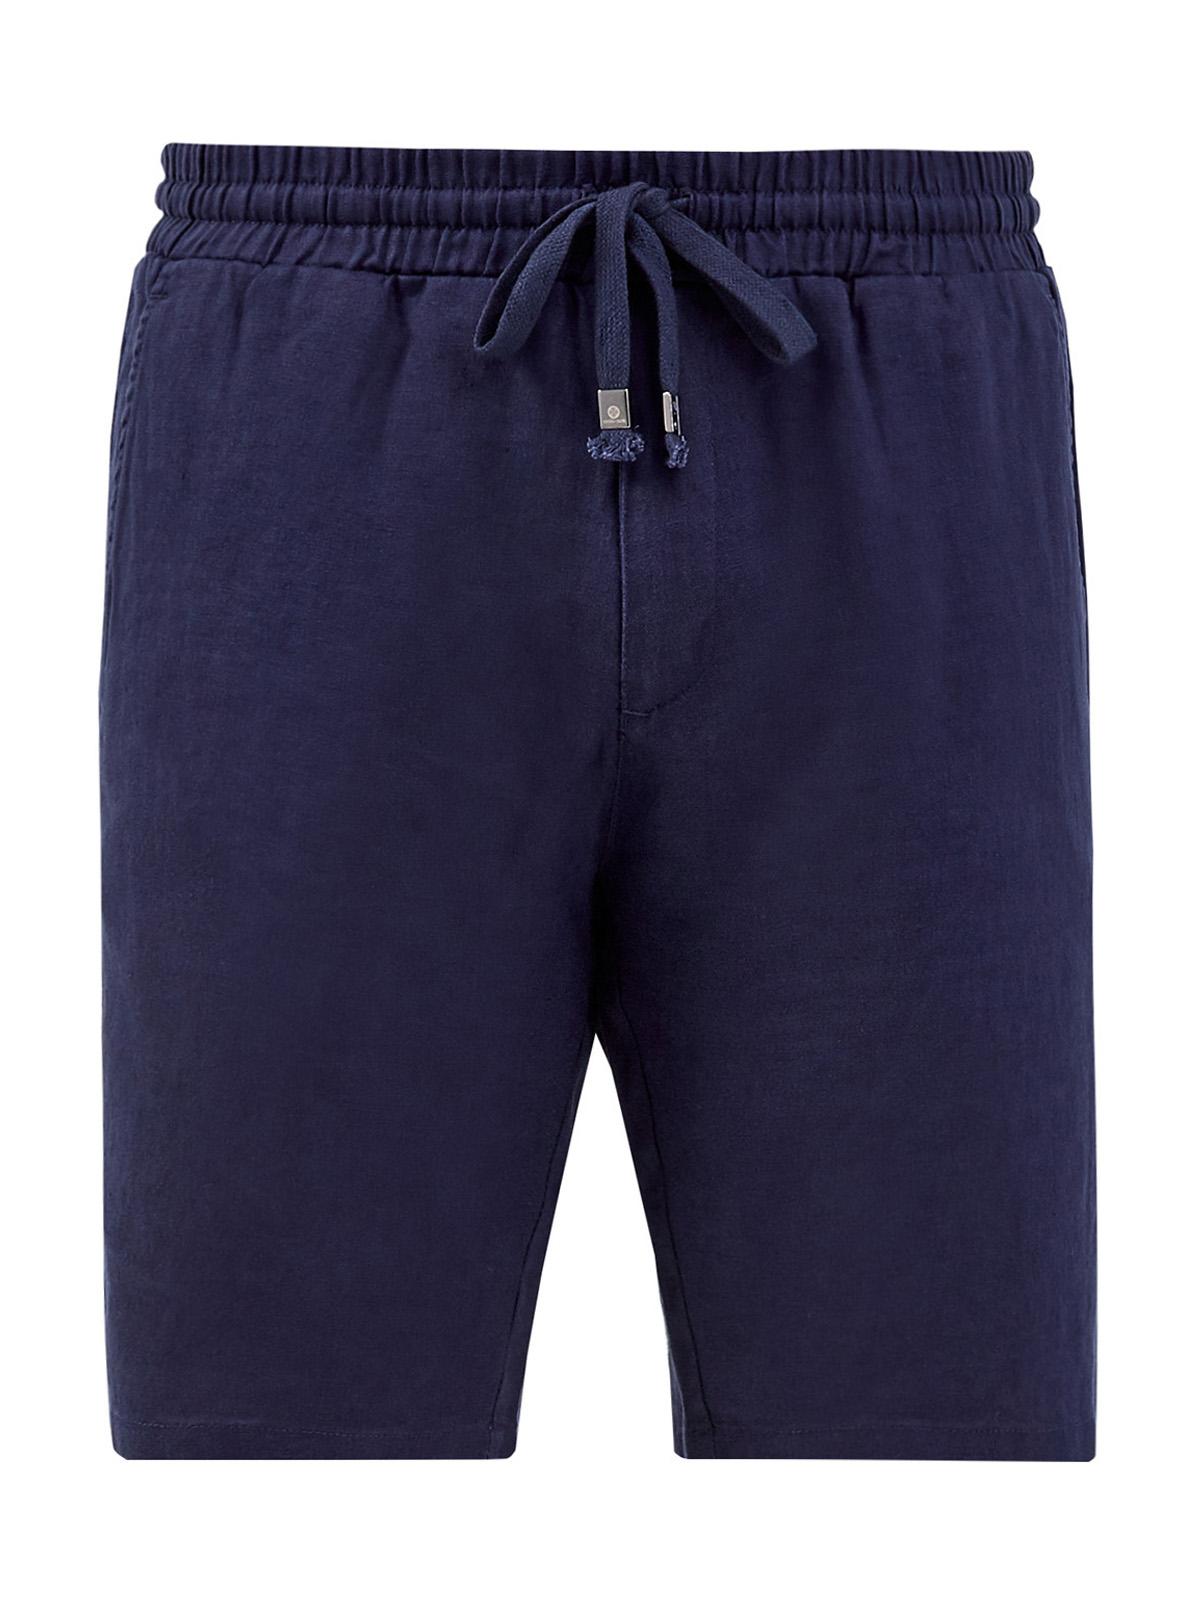 Льняные шорты с эластичным поясом на кулиске